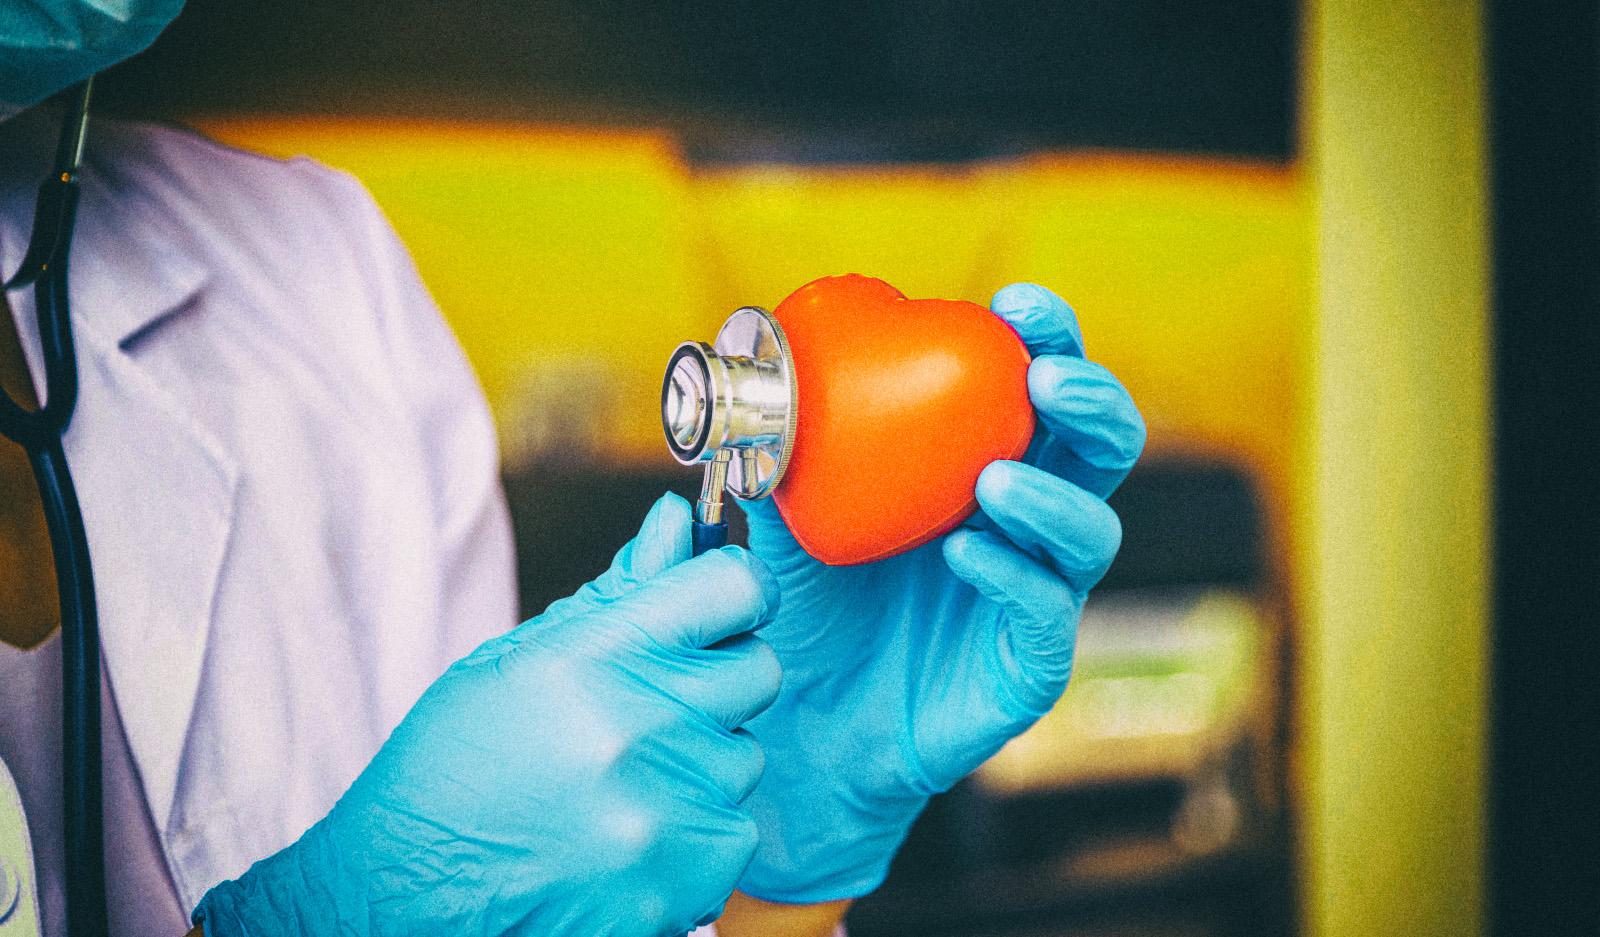 Искусственный интеллект научился вычислять риск смерти от сердечных заболеваний